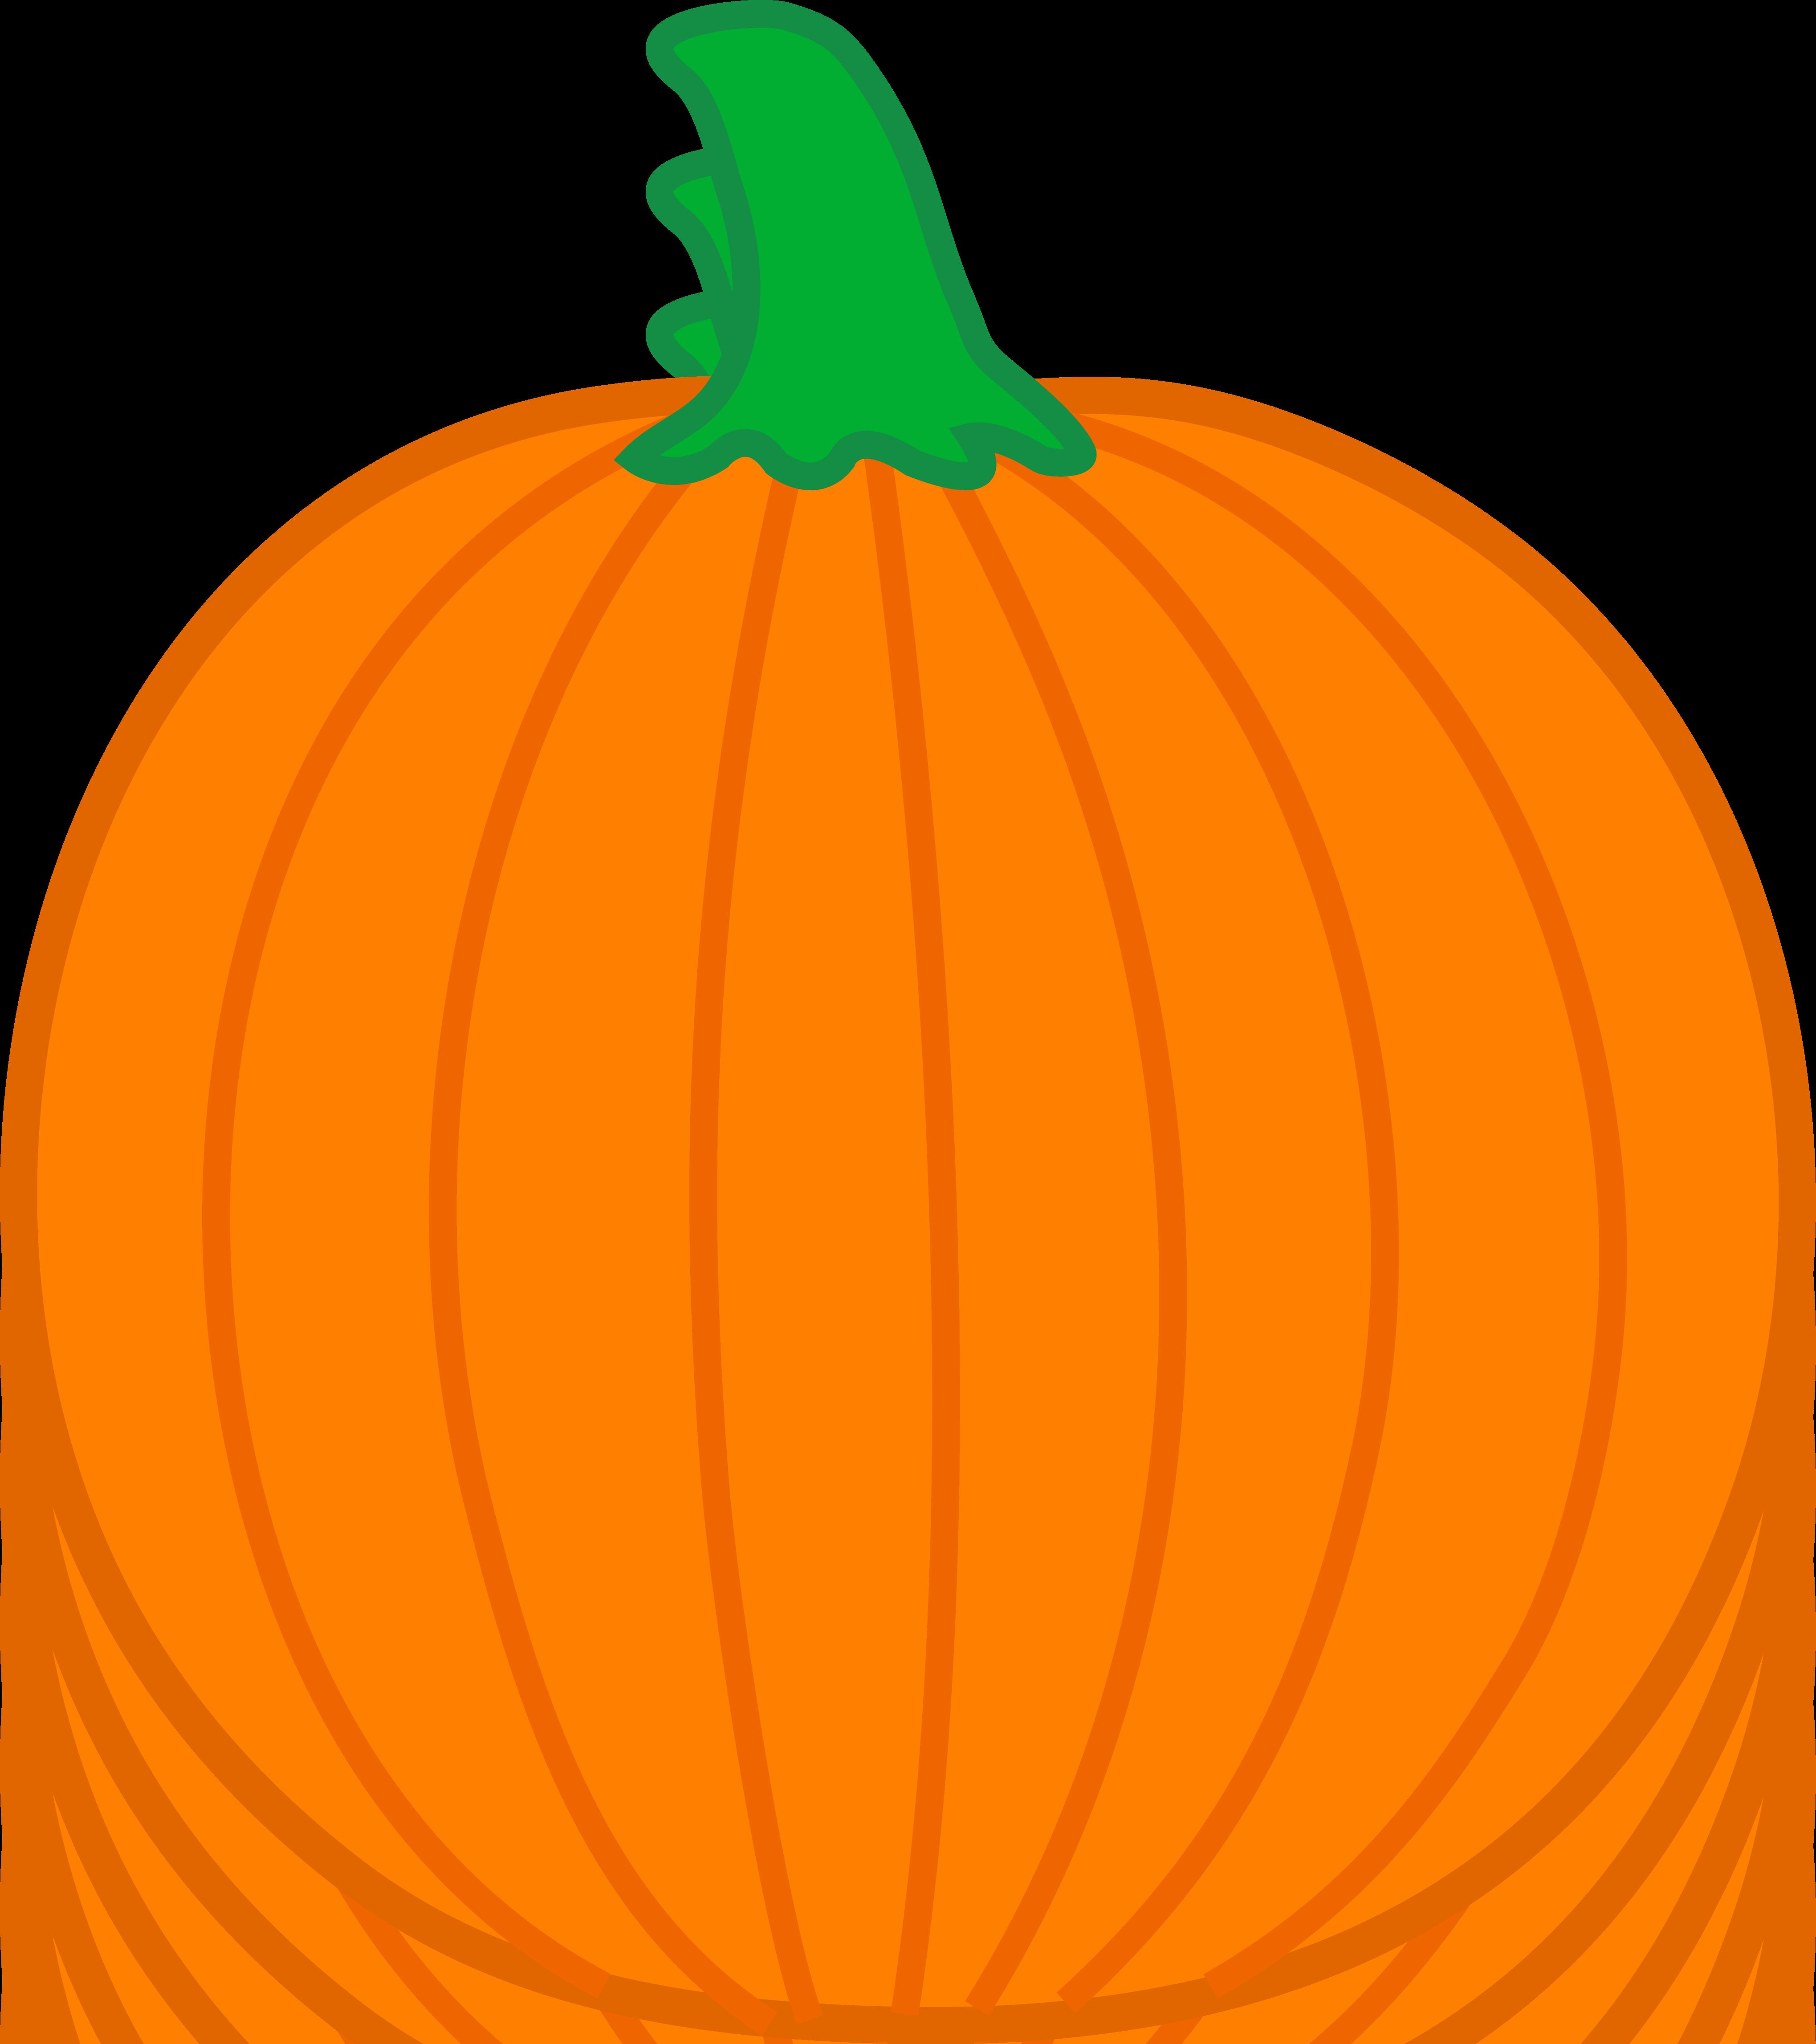 Clipart pumpkin free clipground for Halloween pumpkin clipart